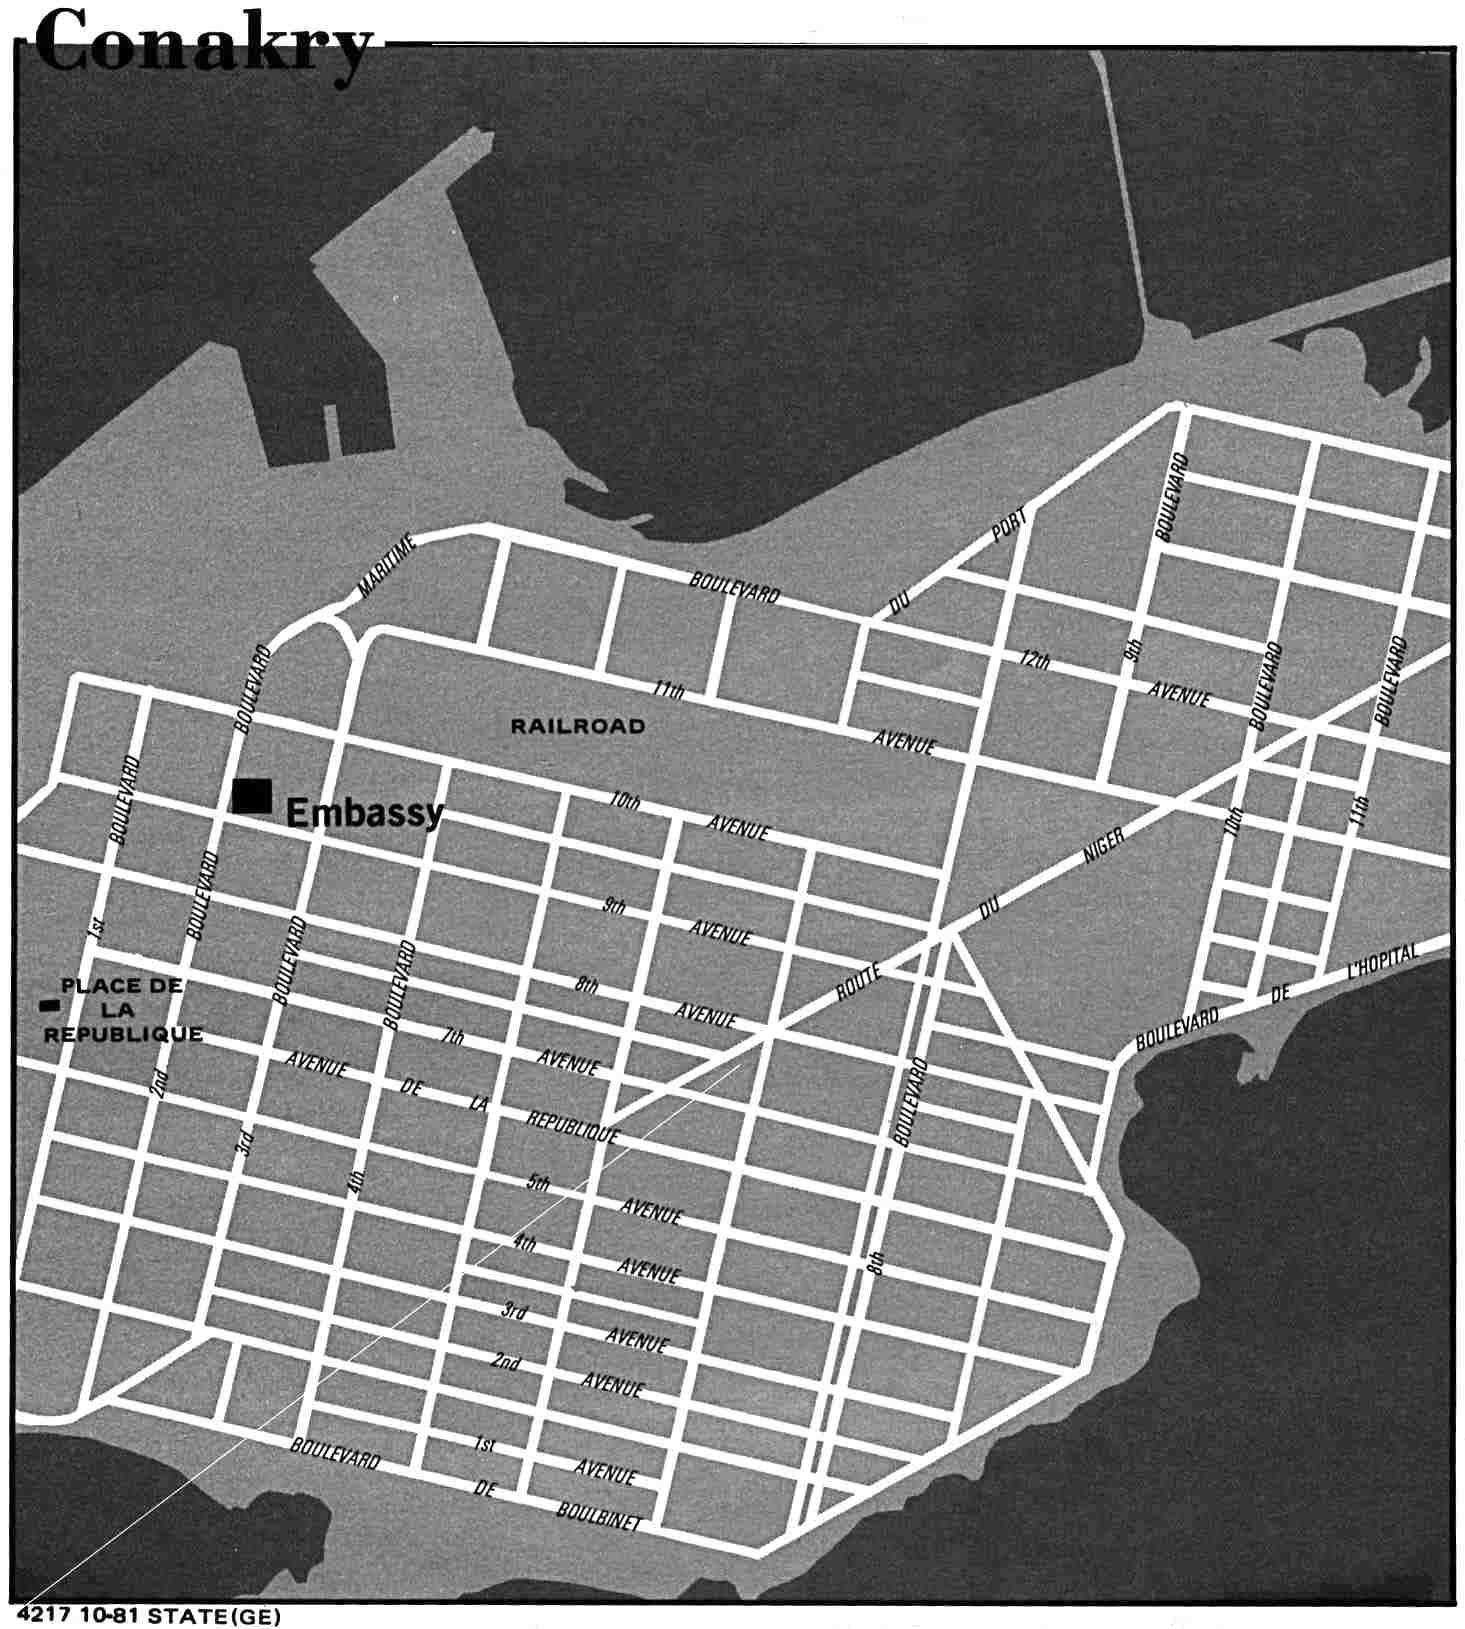 Mapa de la Ciudad de Conakry, Guinea